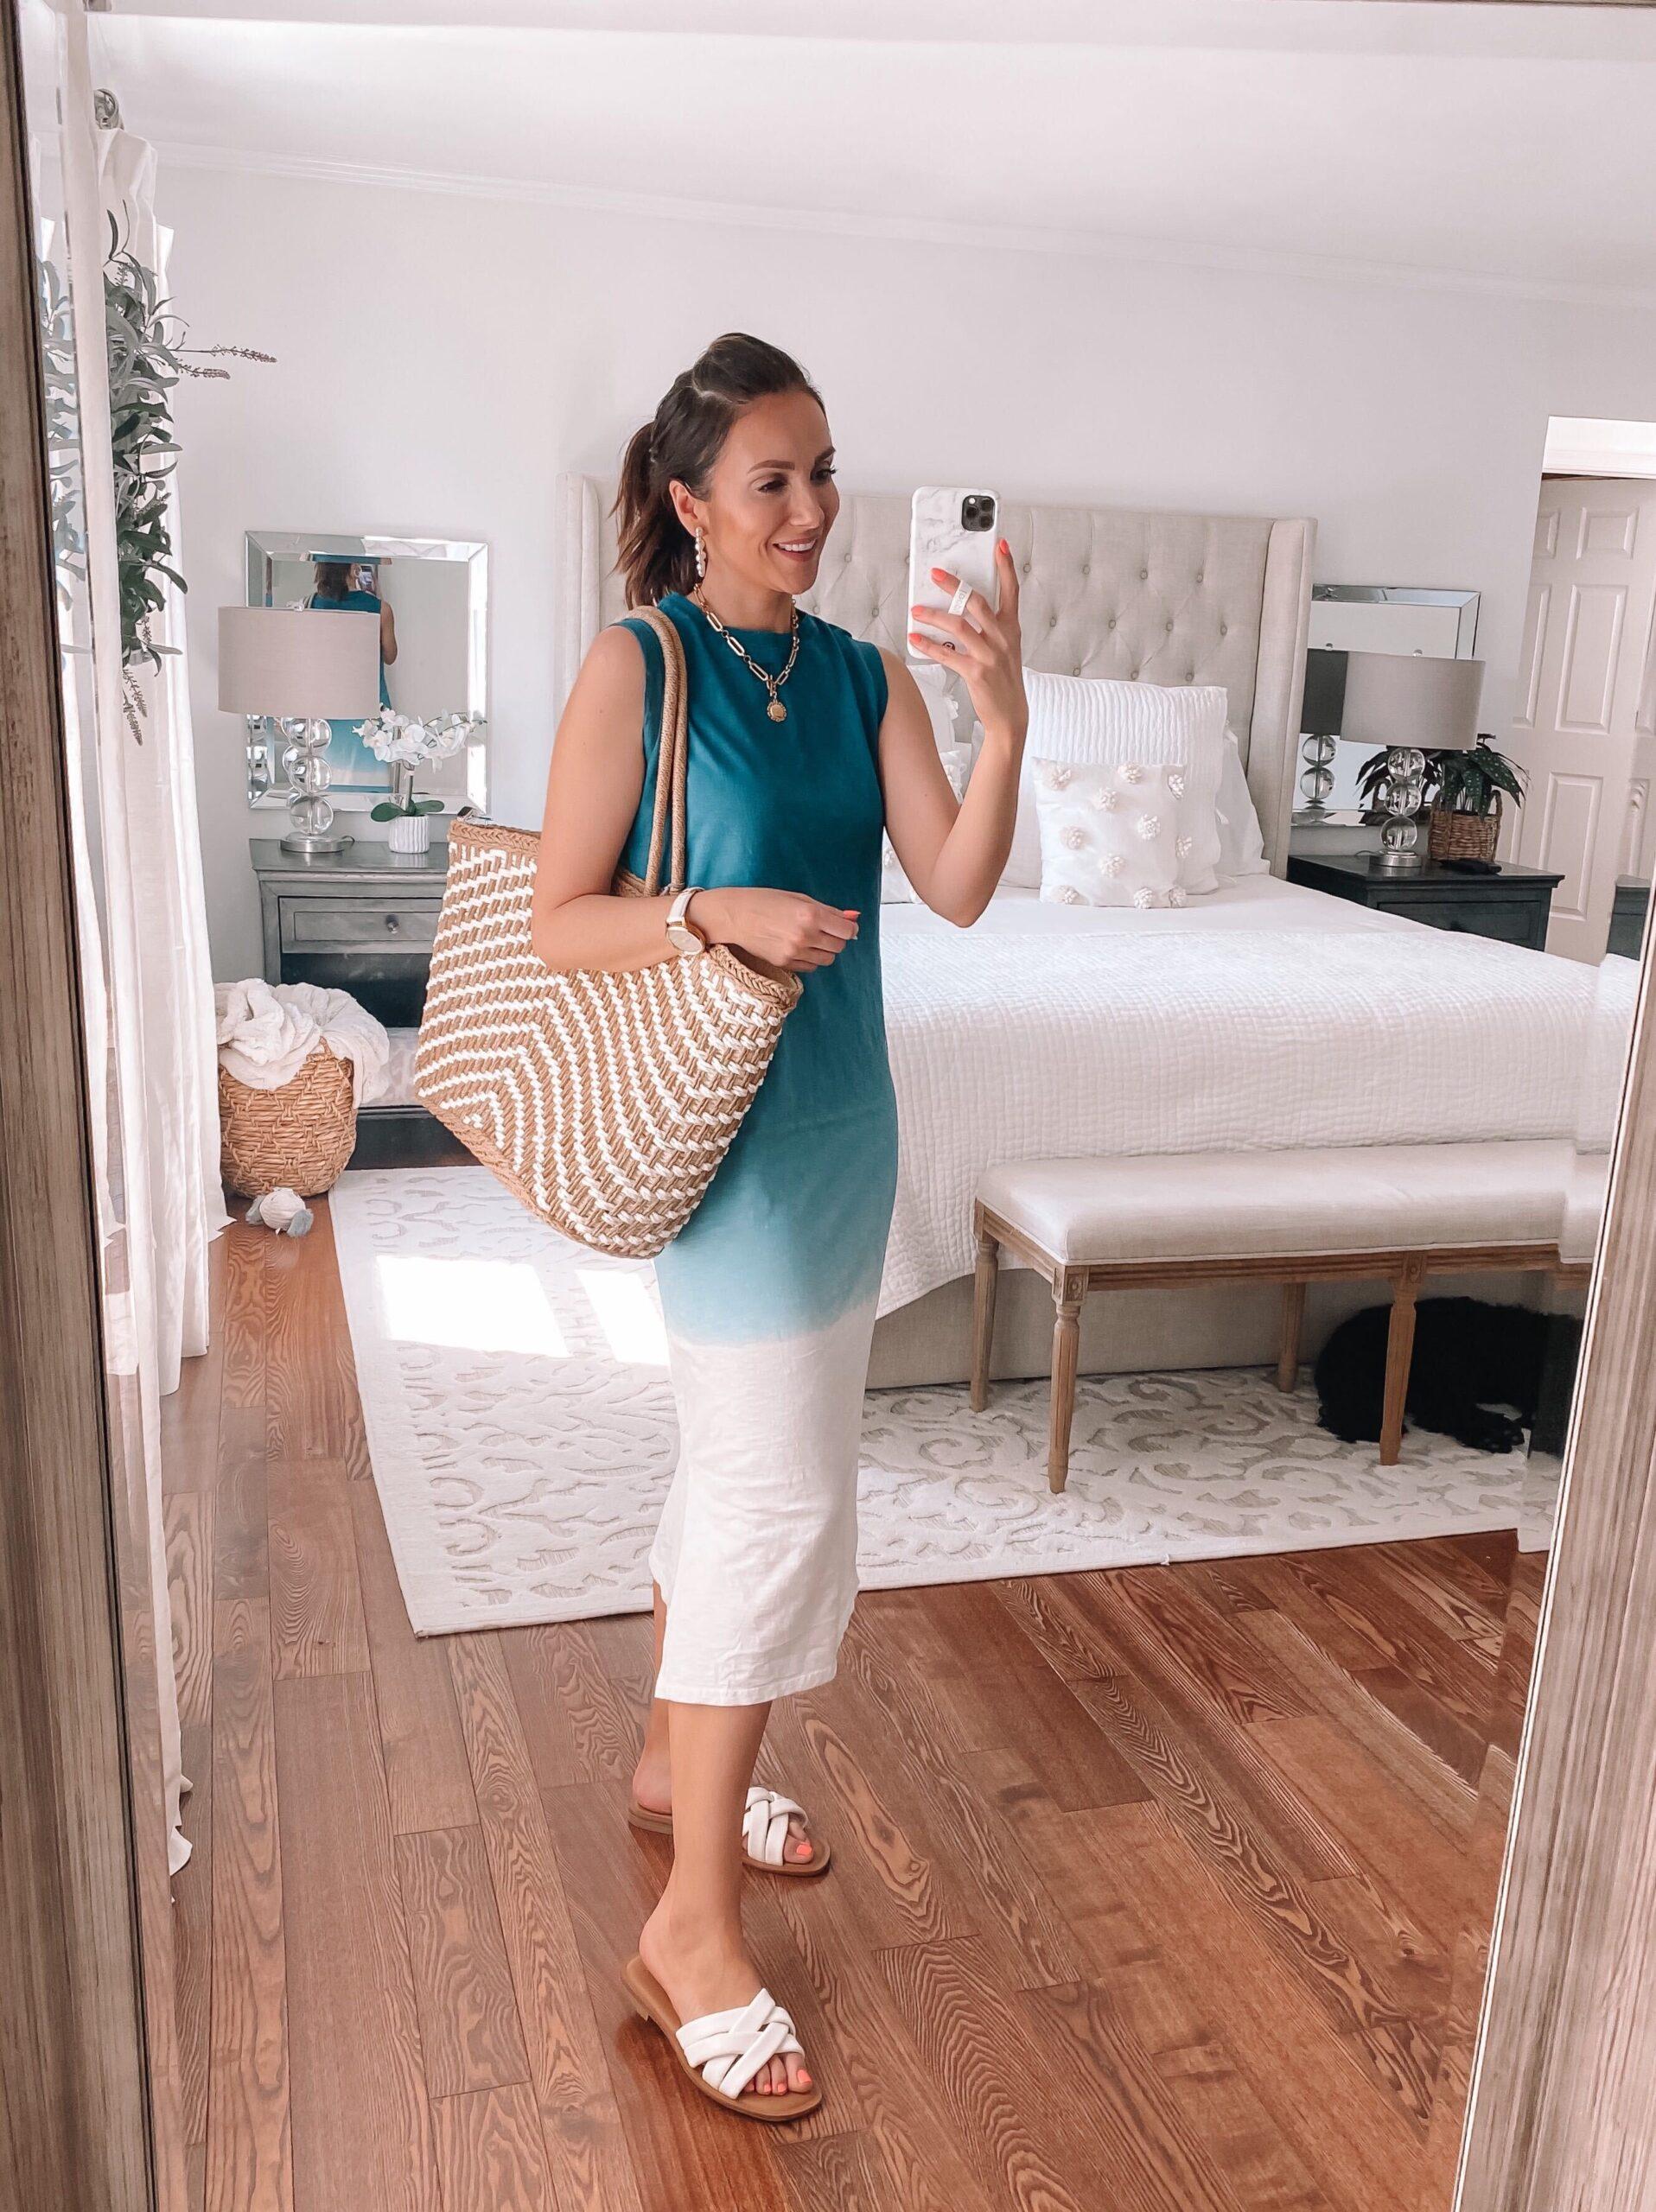 target blue ombre dress, target style, target spring dress